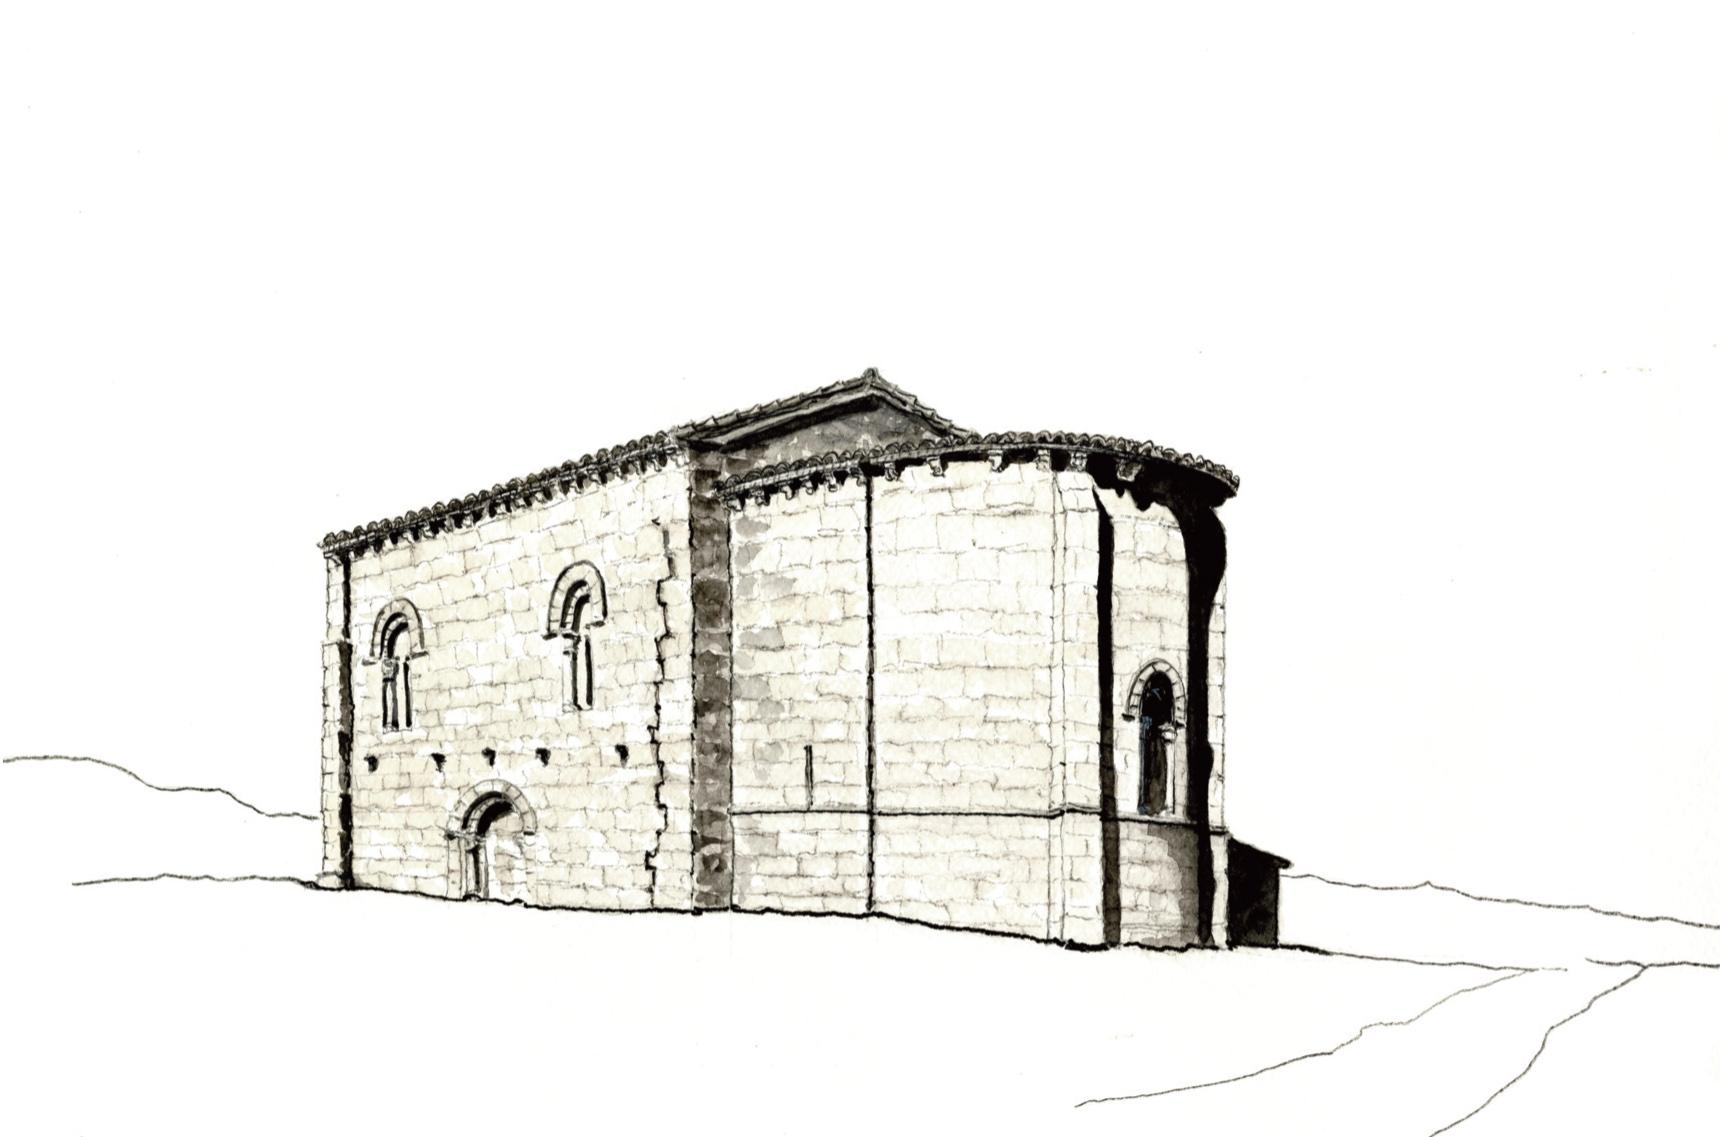 Dibujo de la iglesia de Matalbaniega realizado por Juan Carlos Prieto